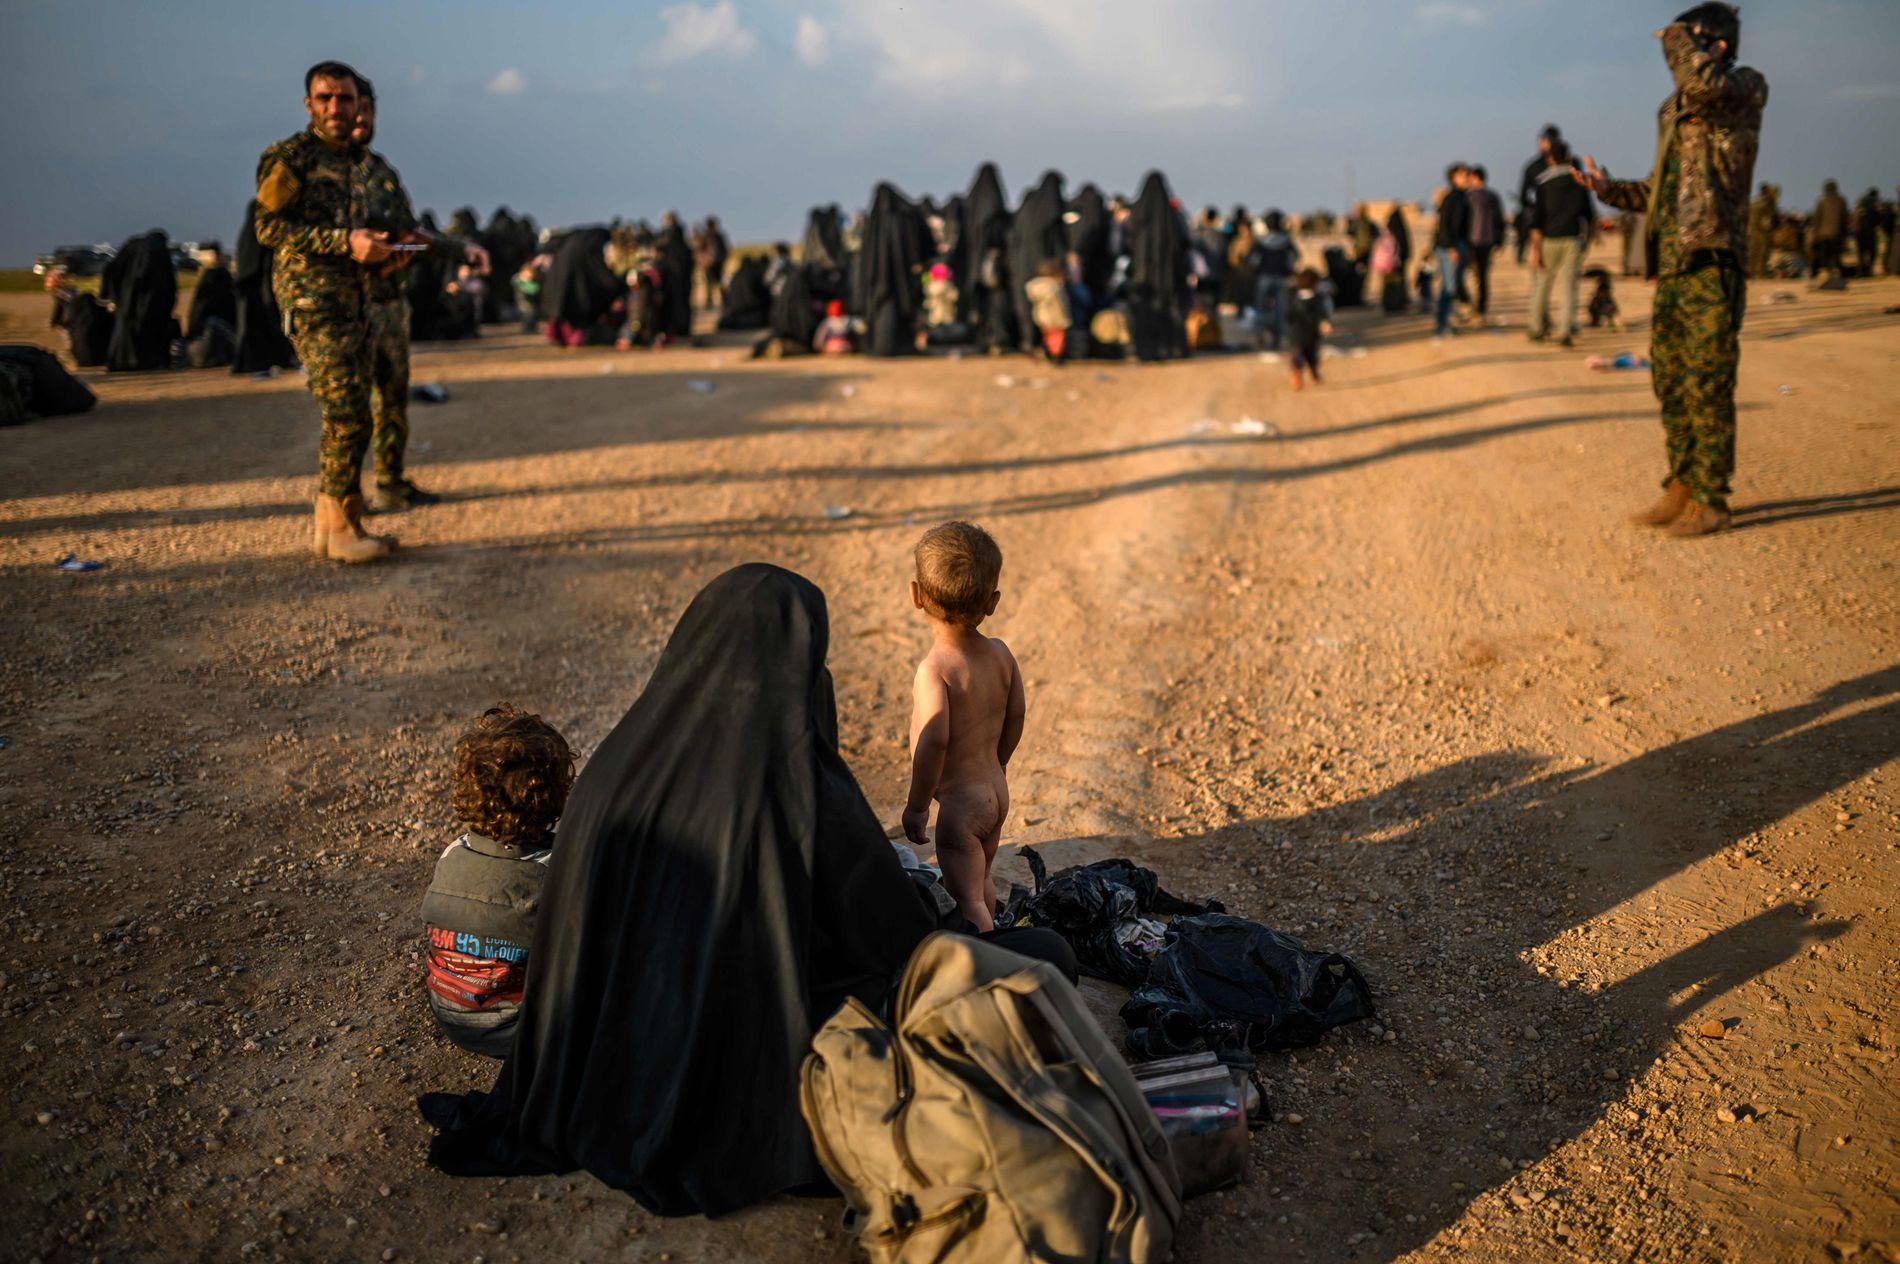 HVA SKAL SKJE MED BARNA: Her blir kvinner og barn fra de siste IS-kontrollerte områdene sikkerhetskontrollert av kurdiske soldater. Den kurdiskdominerte SDF-militsen har innstendig bedt europeiske land om å hente tilbake sine statsborgere.